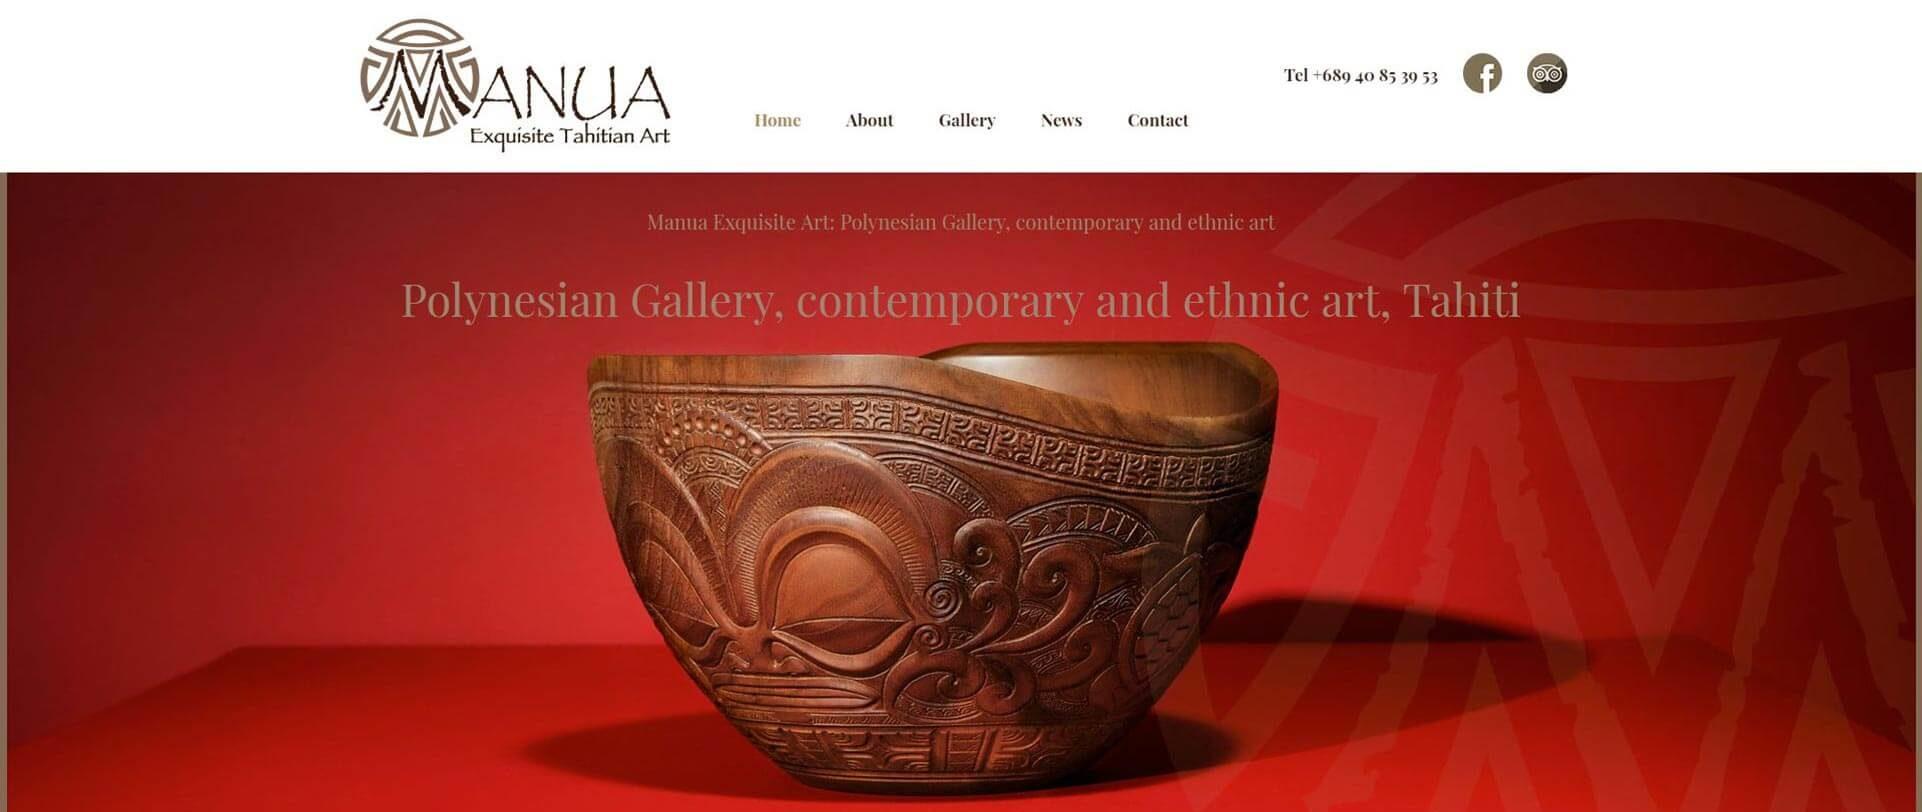 Manua Tahitian Art Home Image (1)